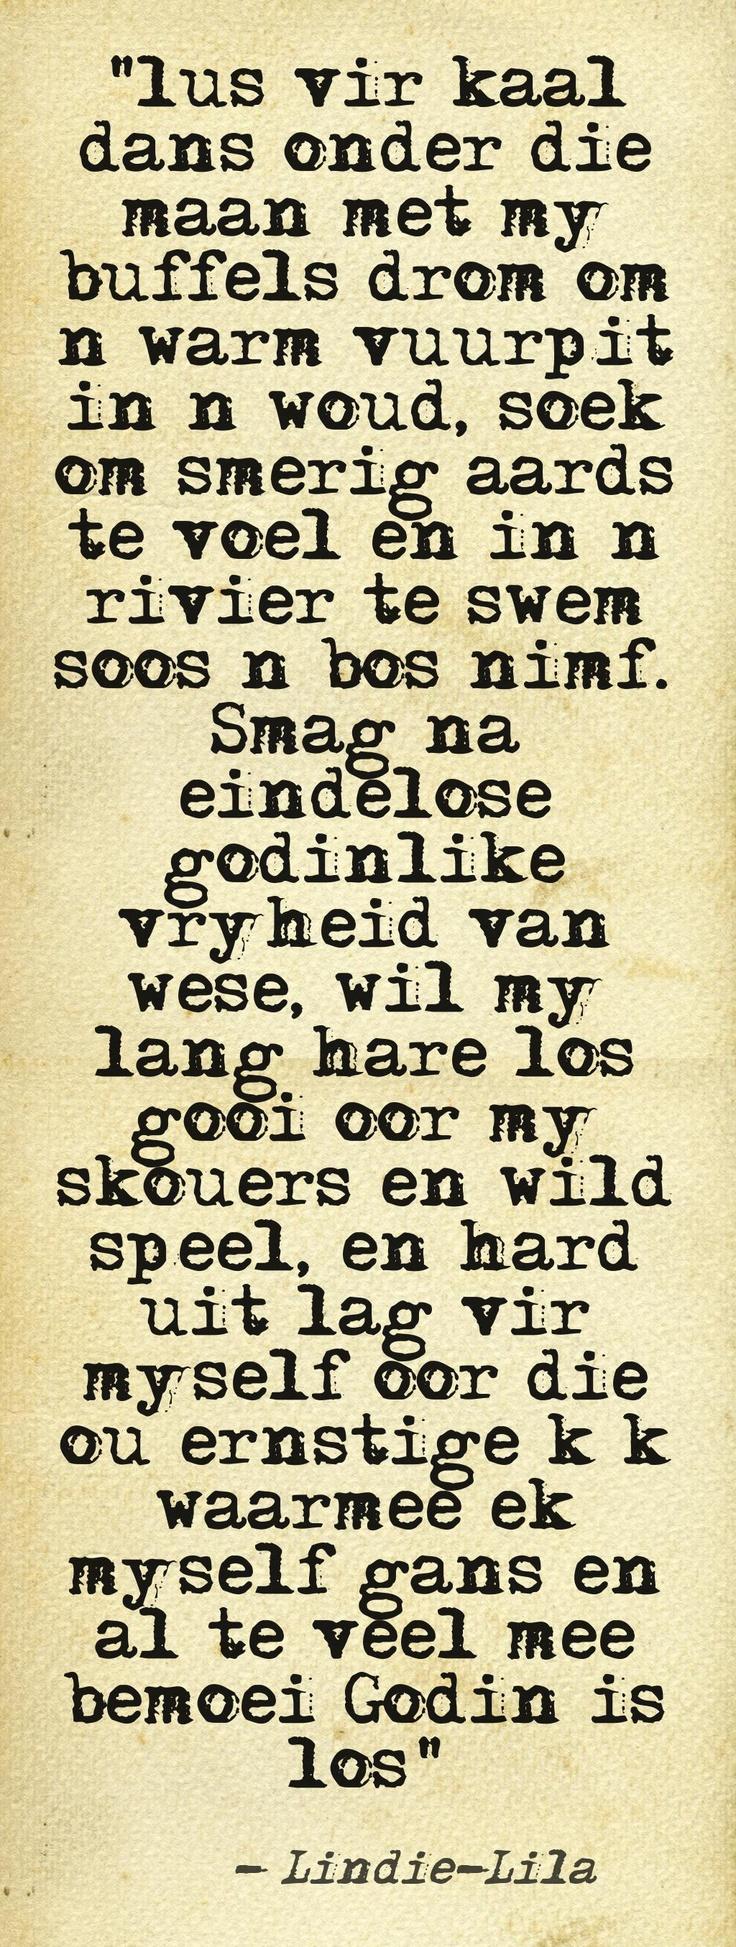 Kaal dans onder die Maan Pagan Musiek Suid-Afrika www.lindielila.bandcamp.com...:)